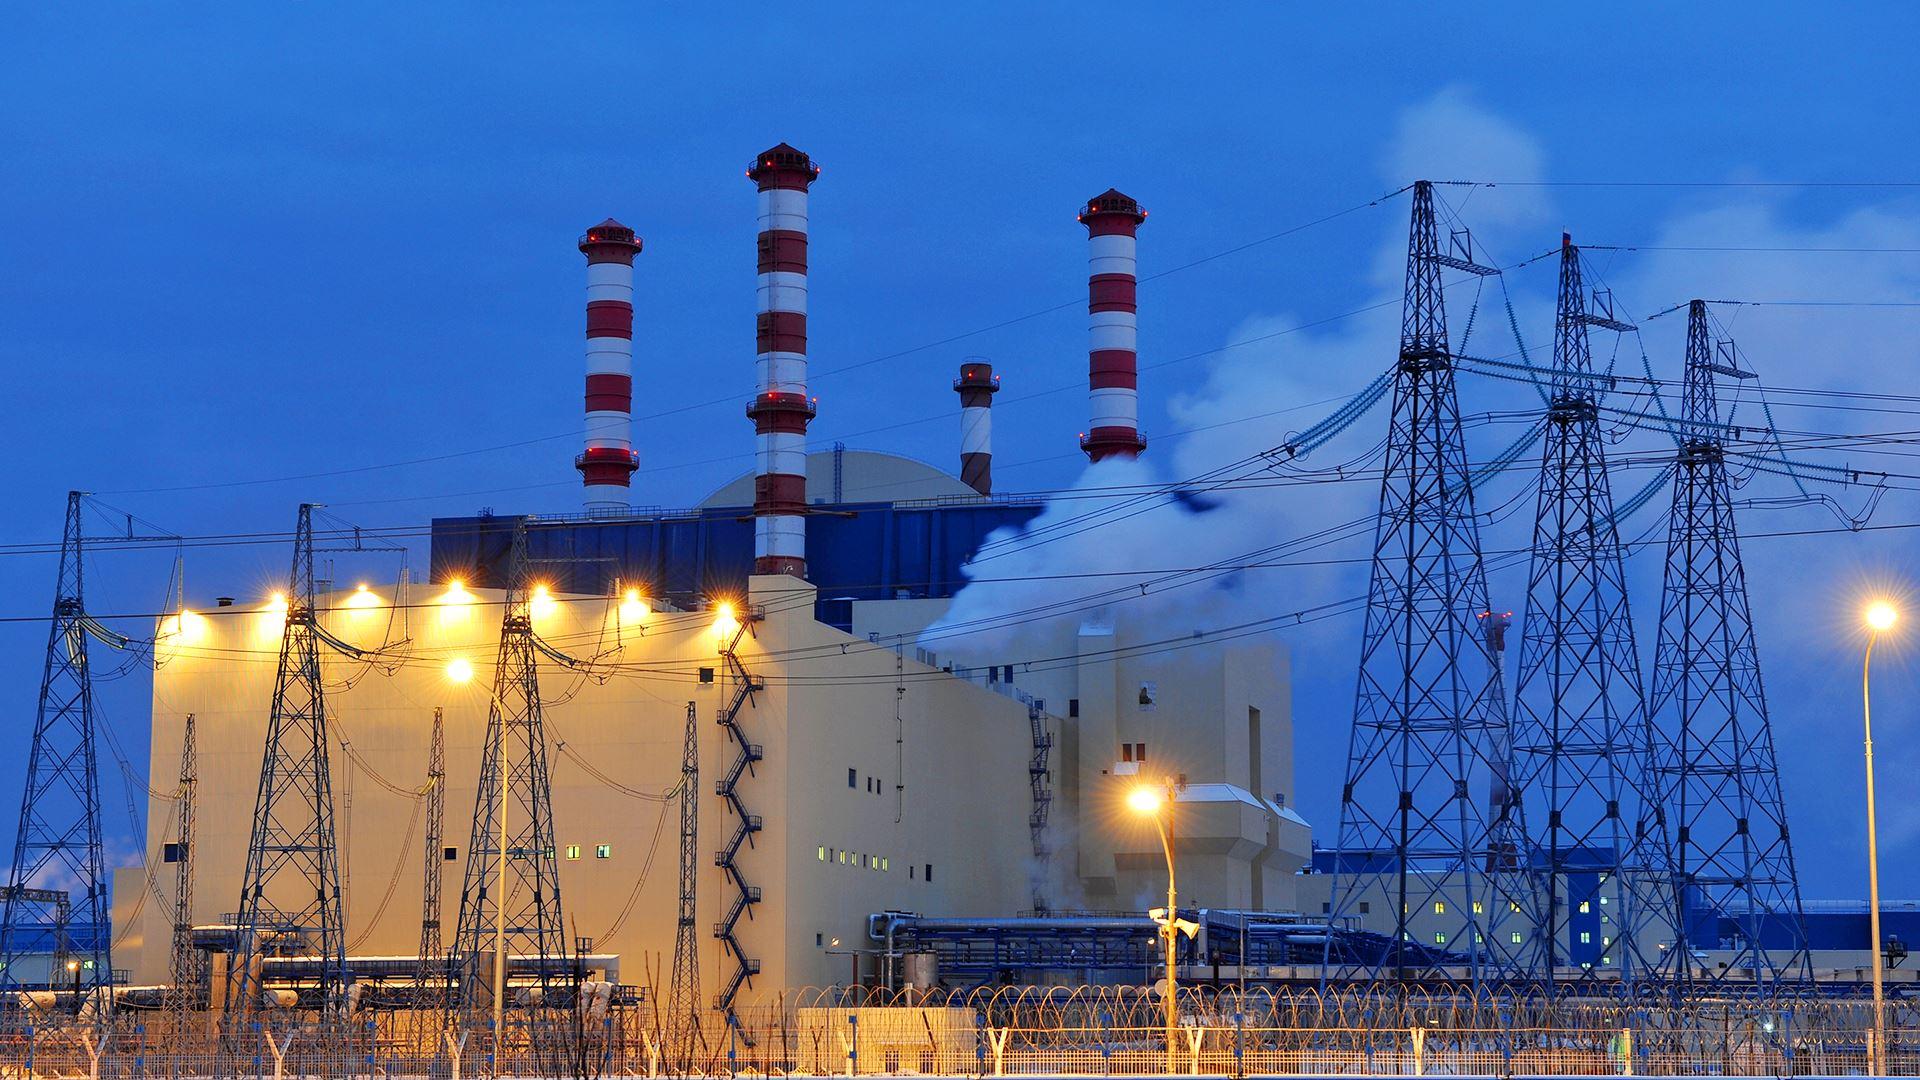 мальчика красивые фото энергетика казахстана является